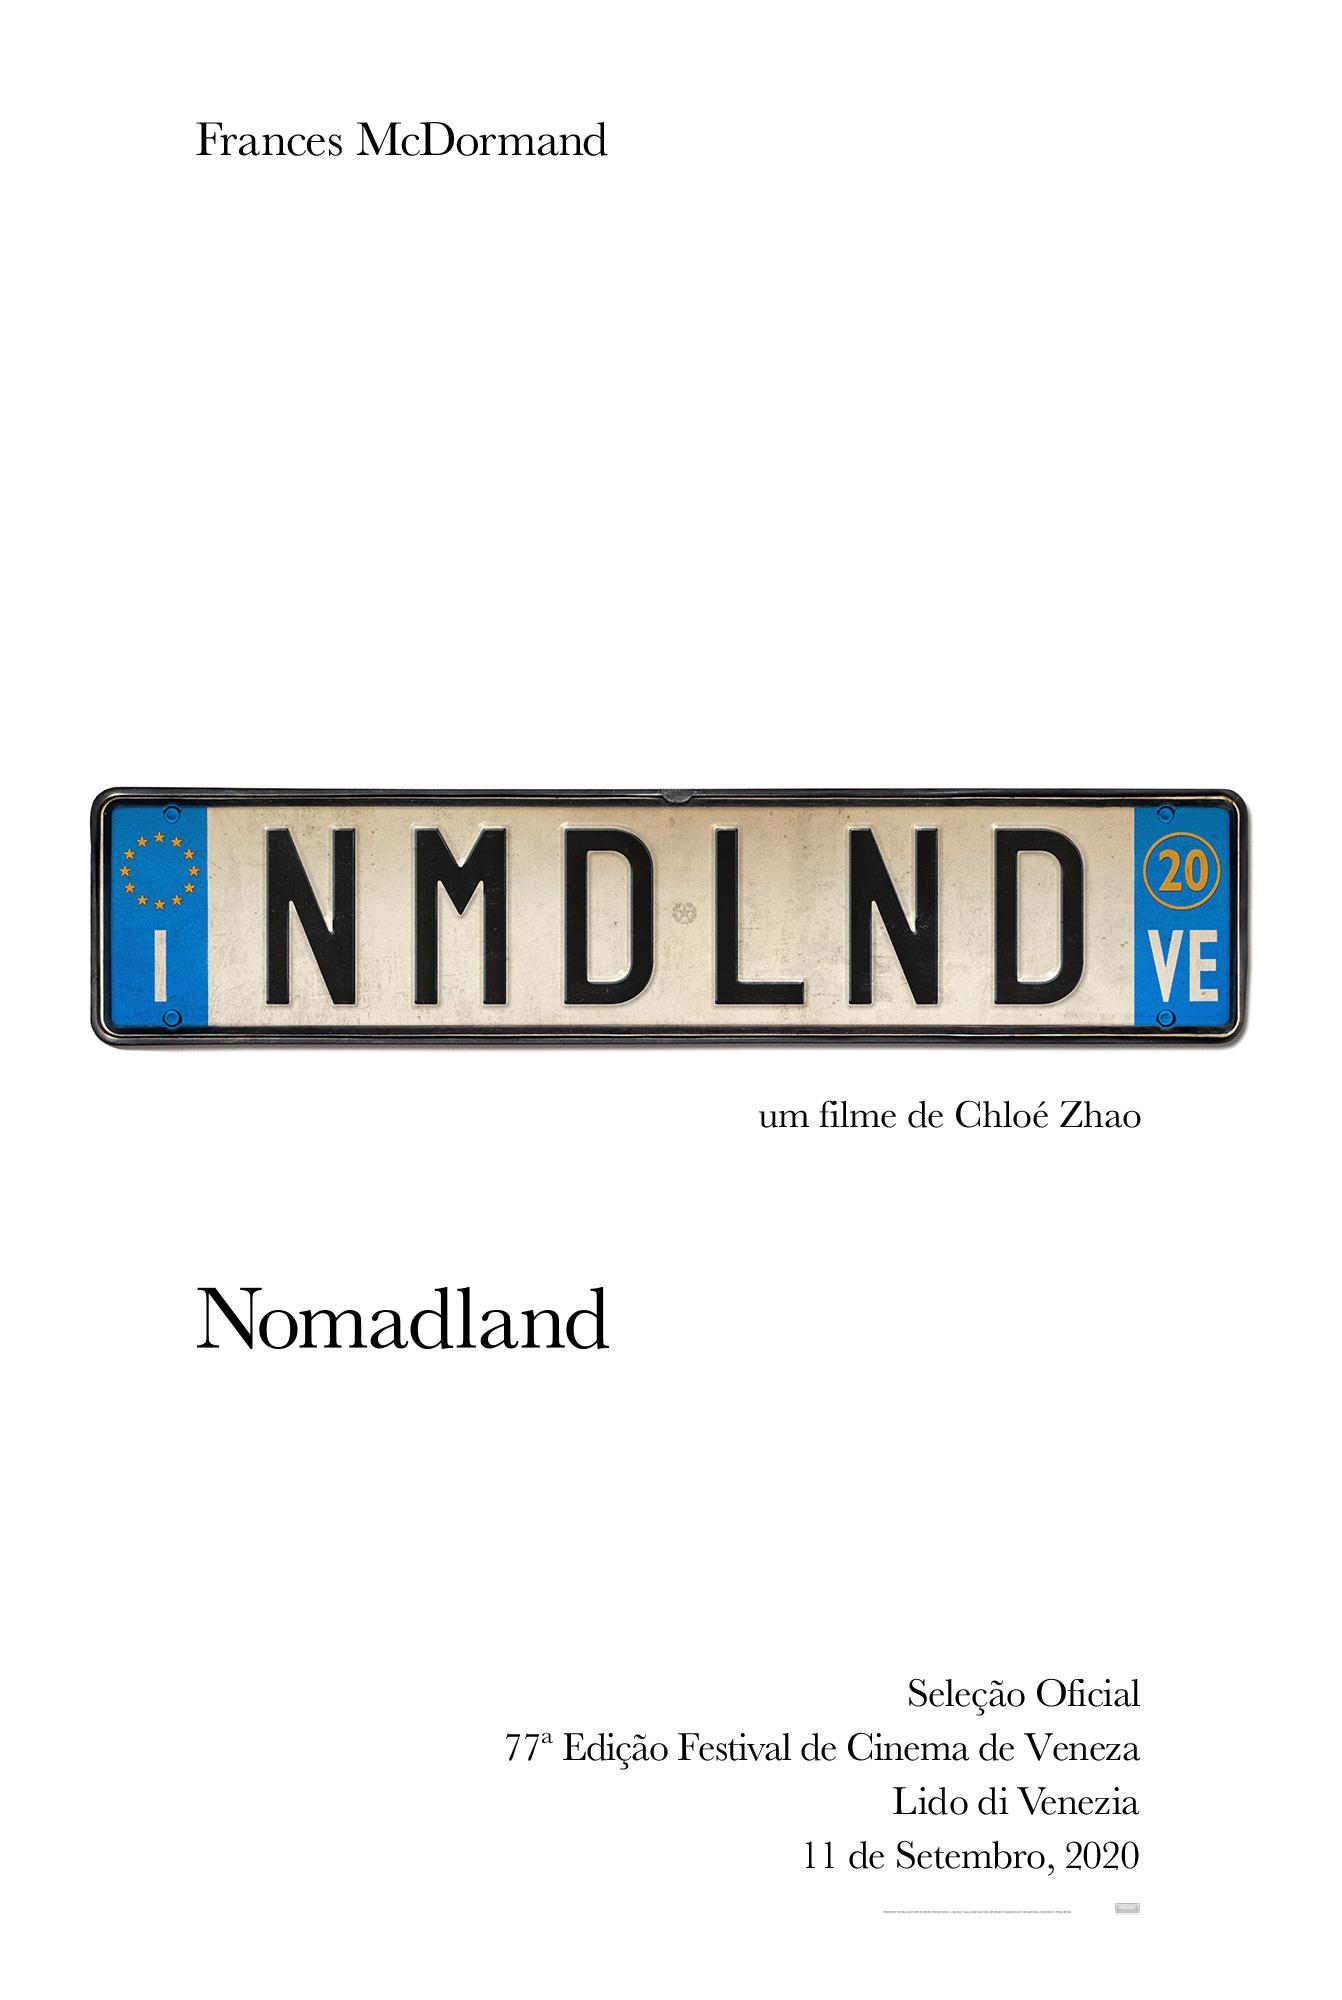 Nomadland-Chloe-Zhao-2020-poster